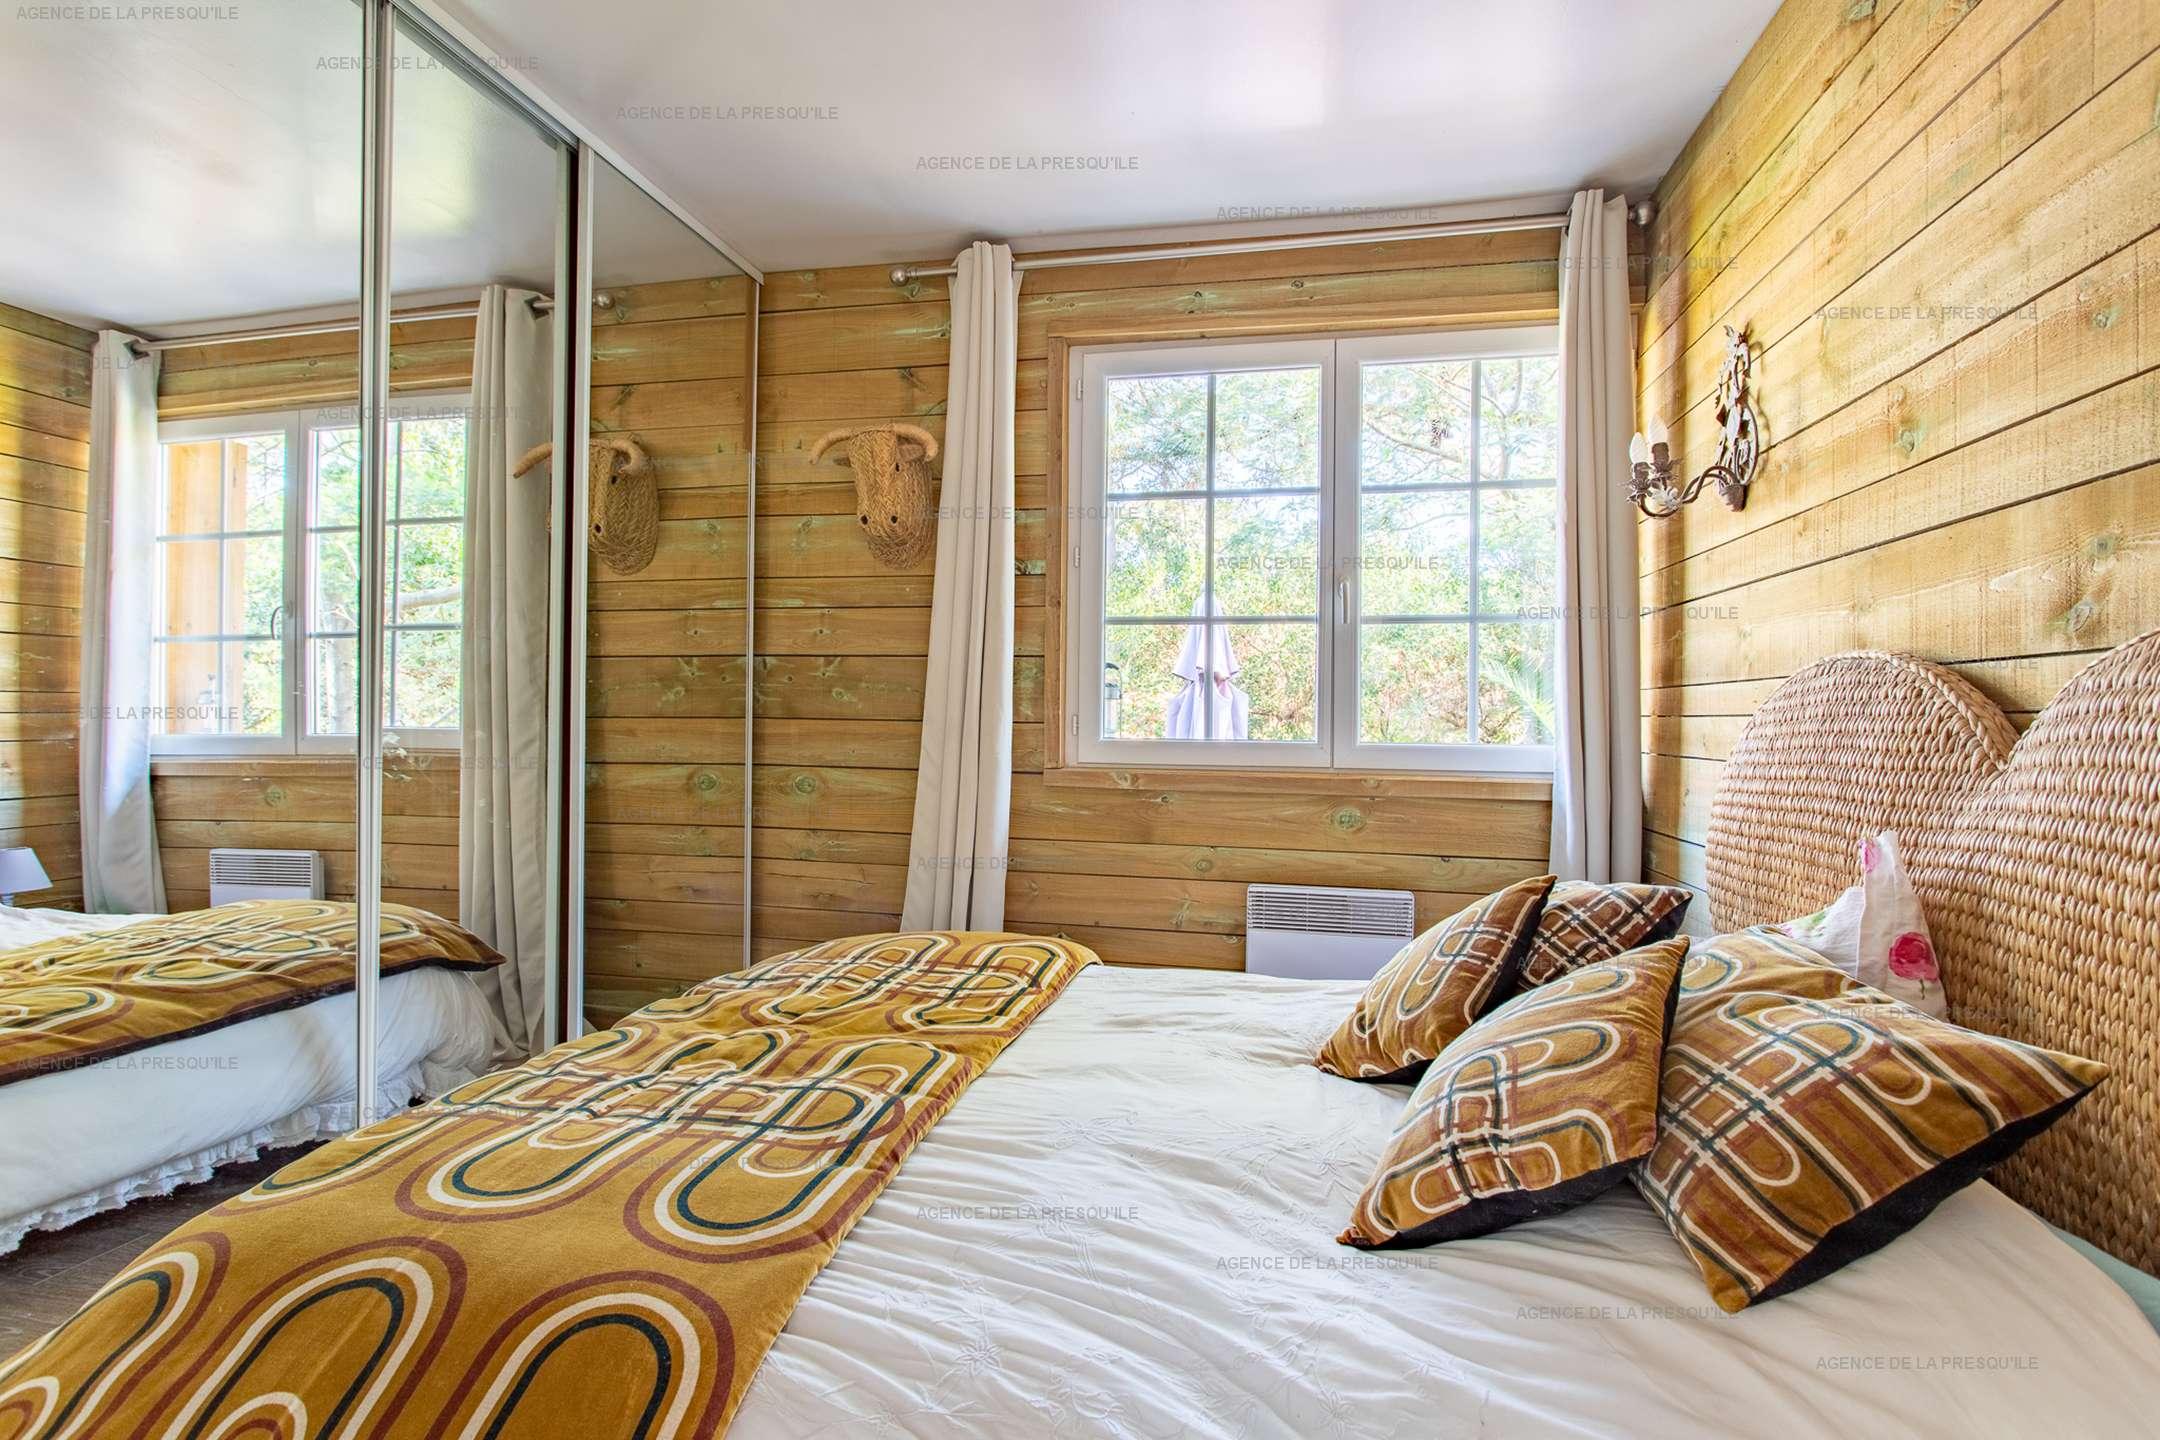 Location: Jolie villa en bois entre le bassin et l'océan 9